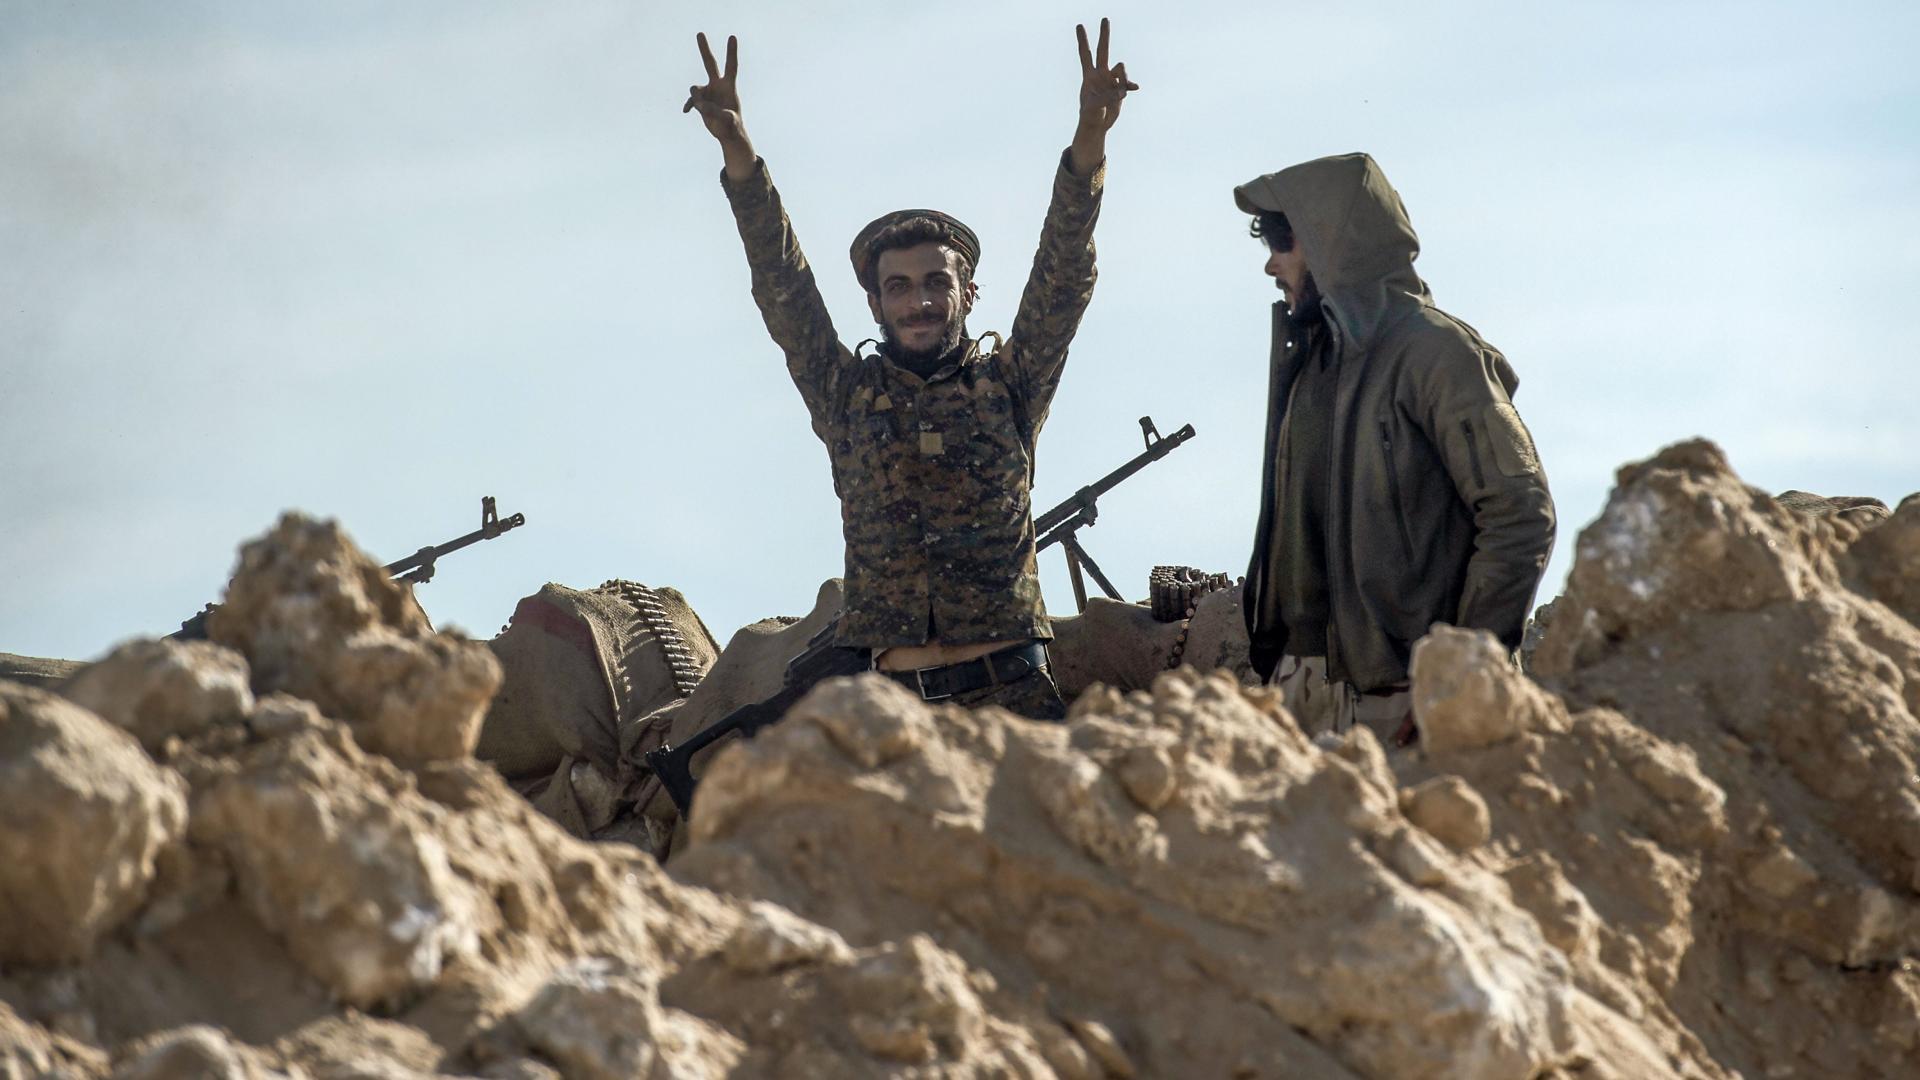 قائد بقوات سوريا الديمقراطية: داعش يسيطر الآن على 700 متر مربع فقط بسوريا